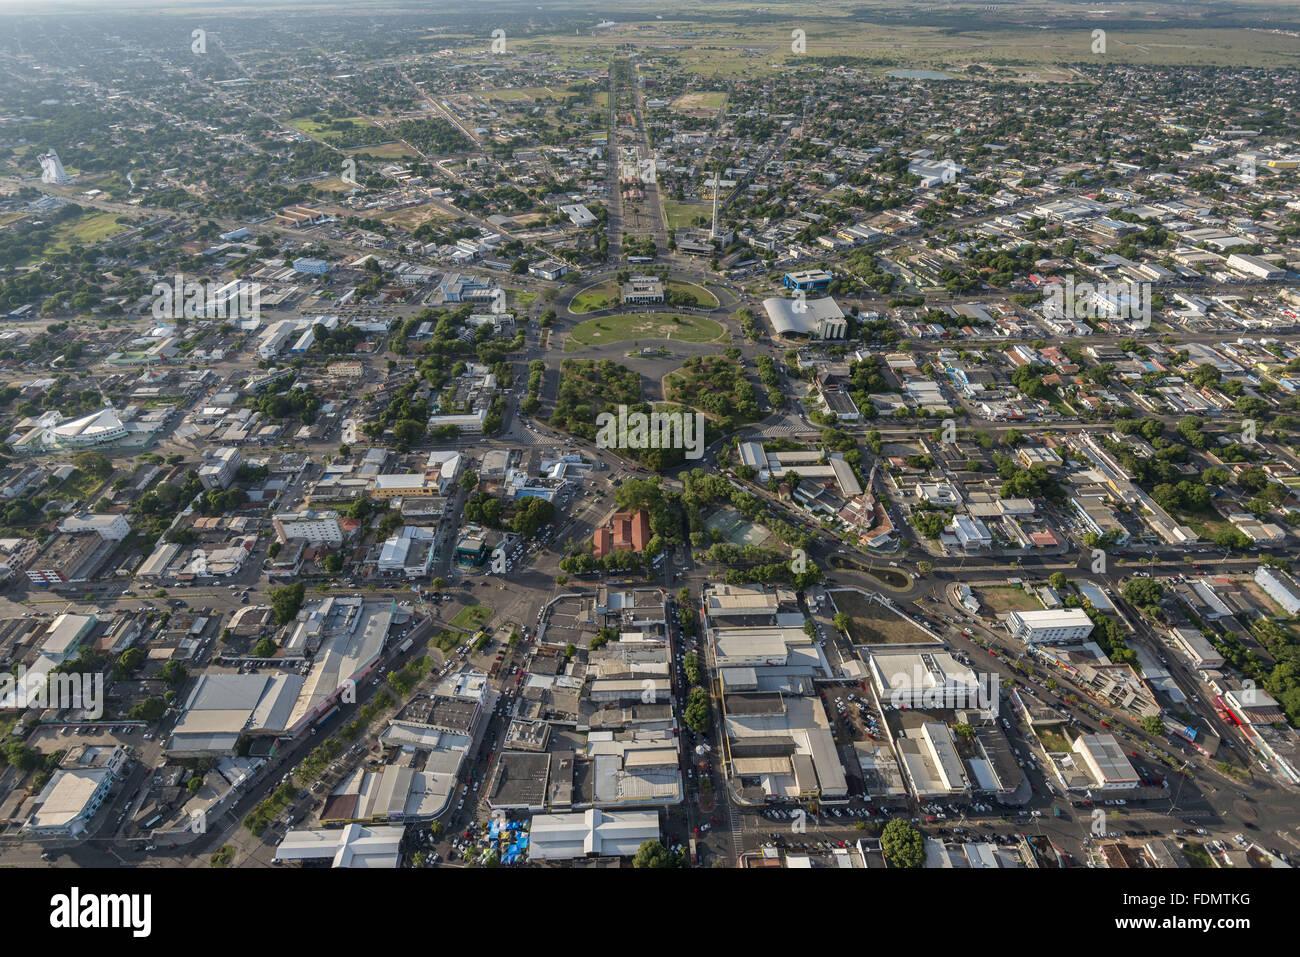 Vue aérienne de la ville en particulier le tracé urbain en forme de ventilateur Photo Stock